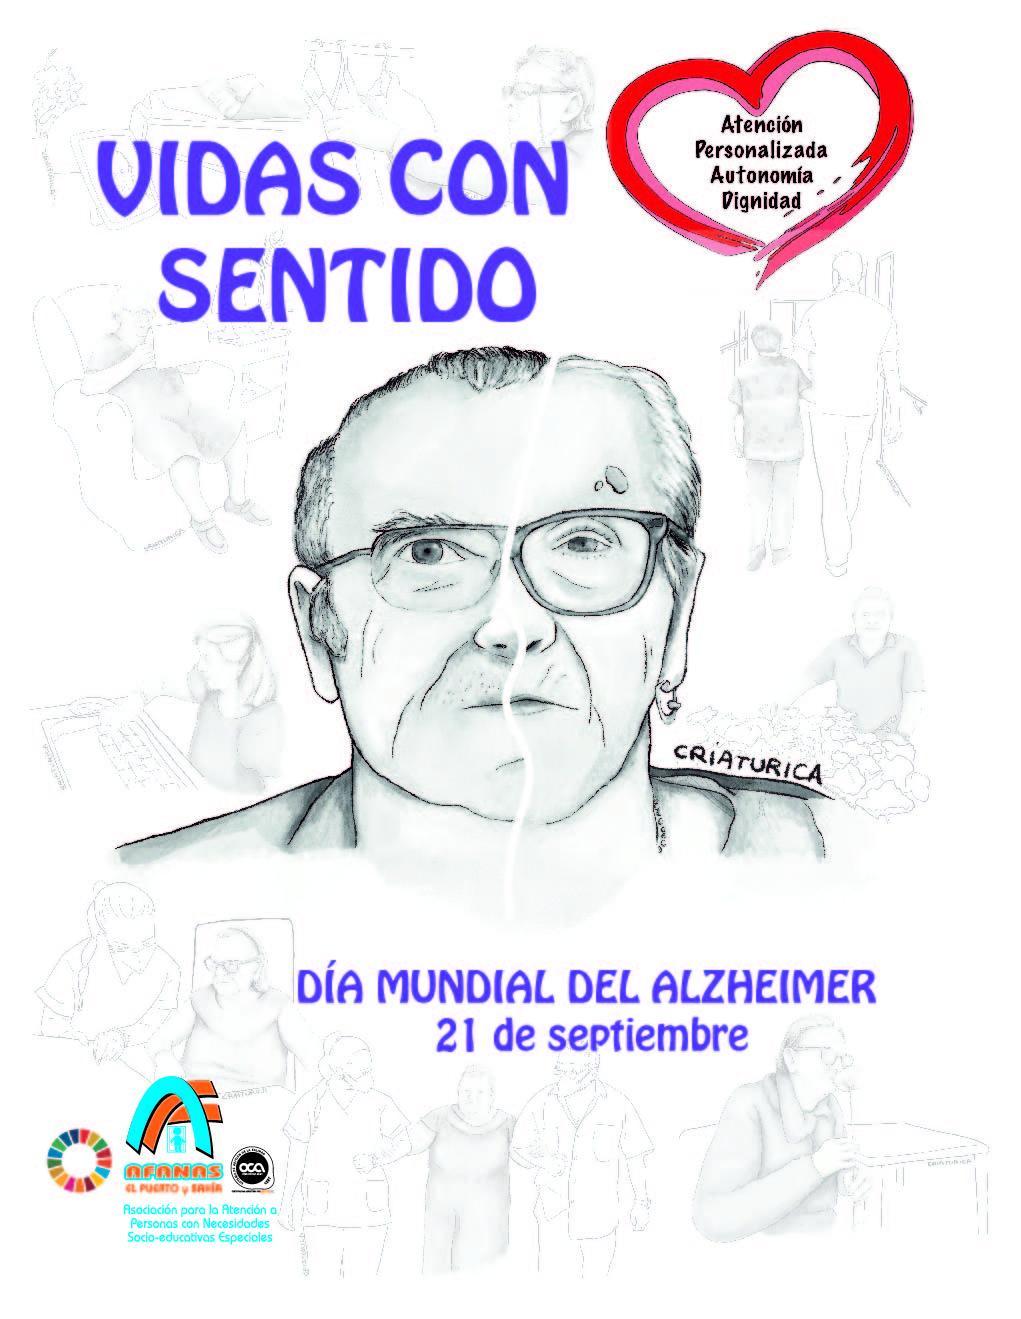 Día Mundial del Alzheimer 2021.